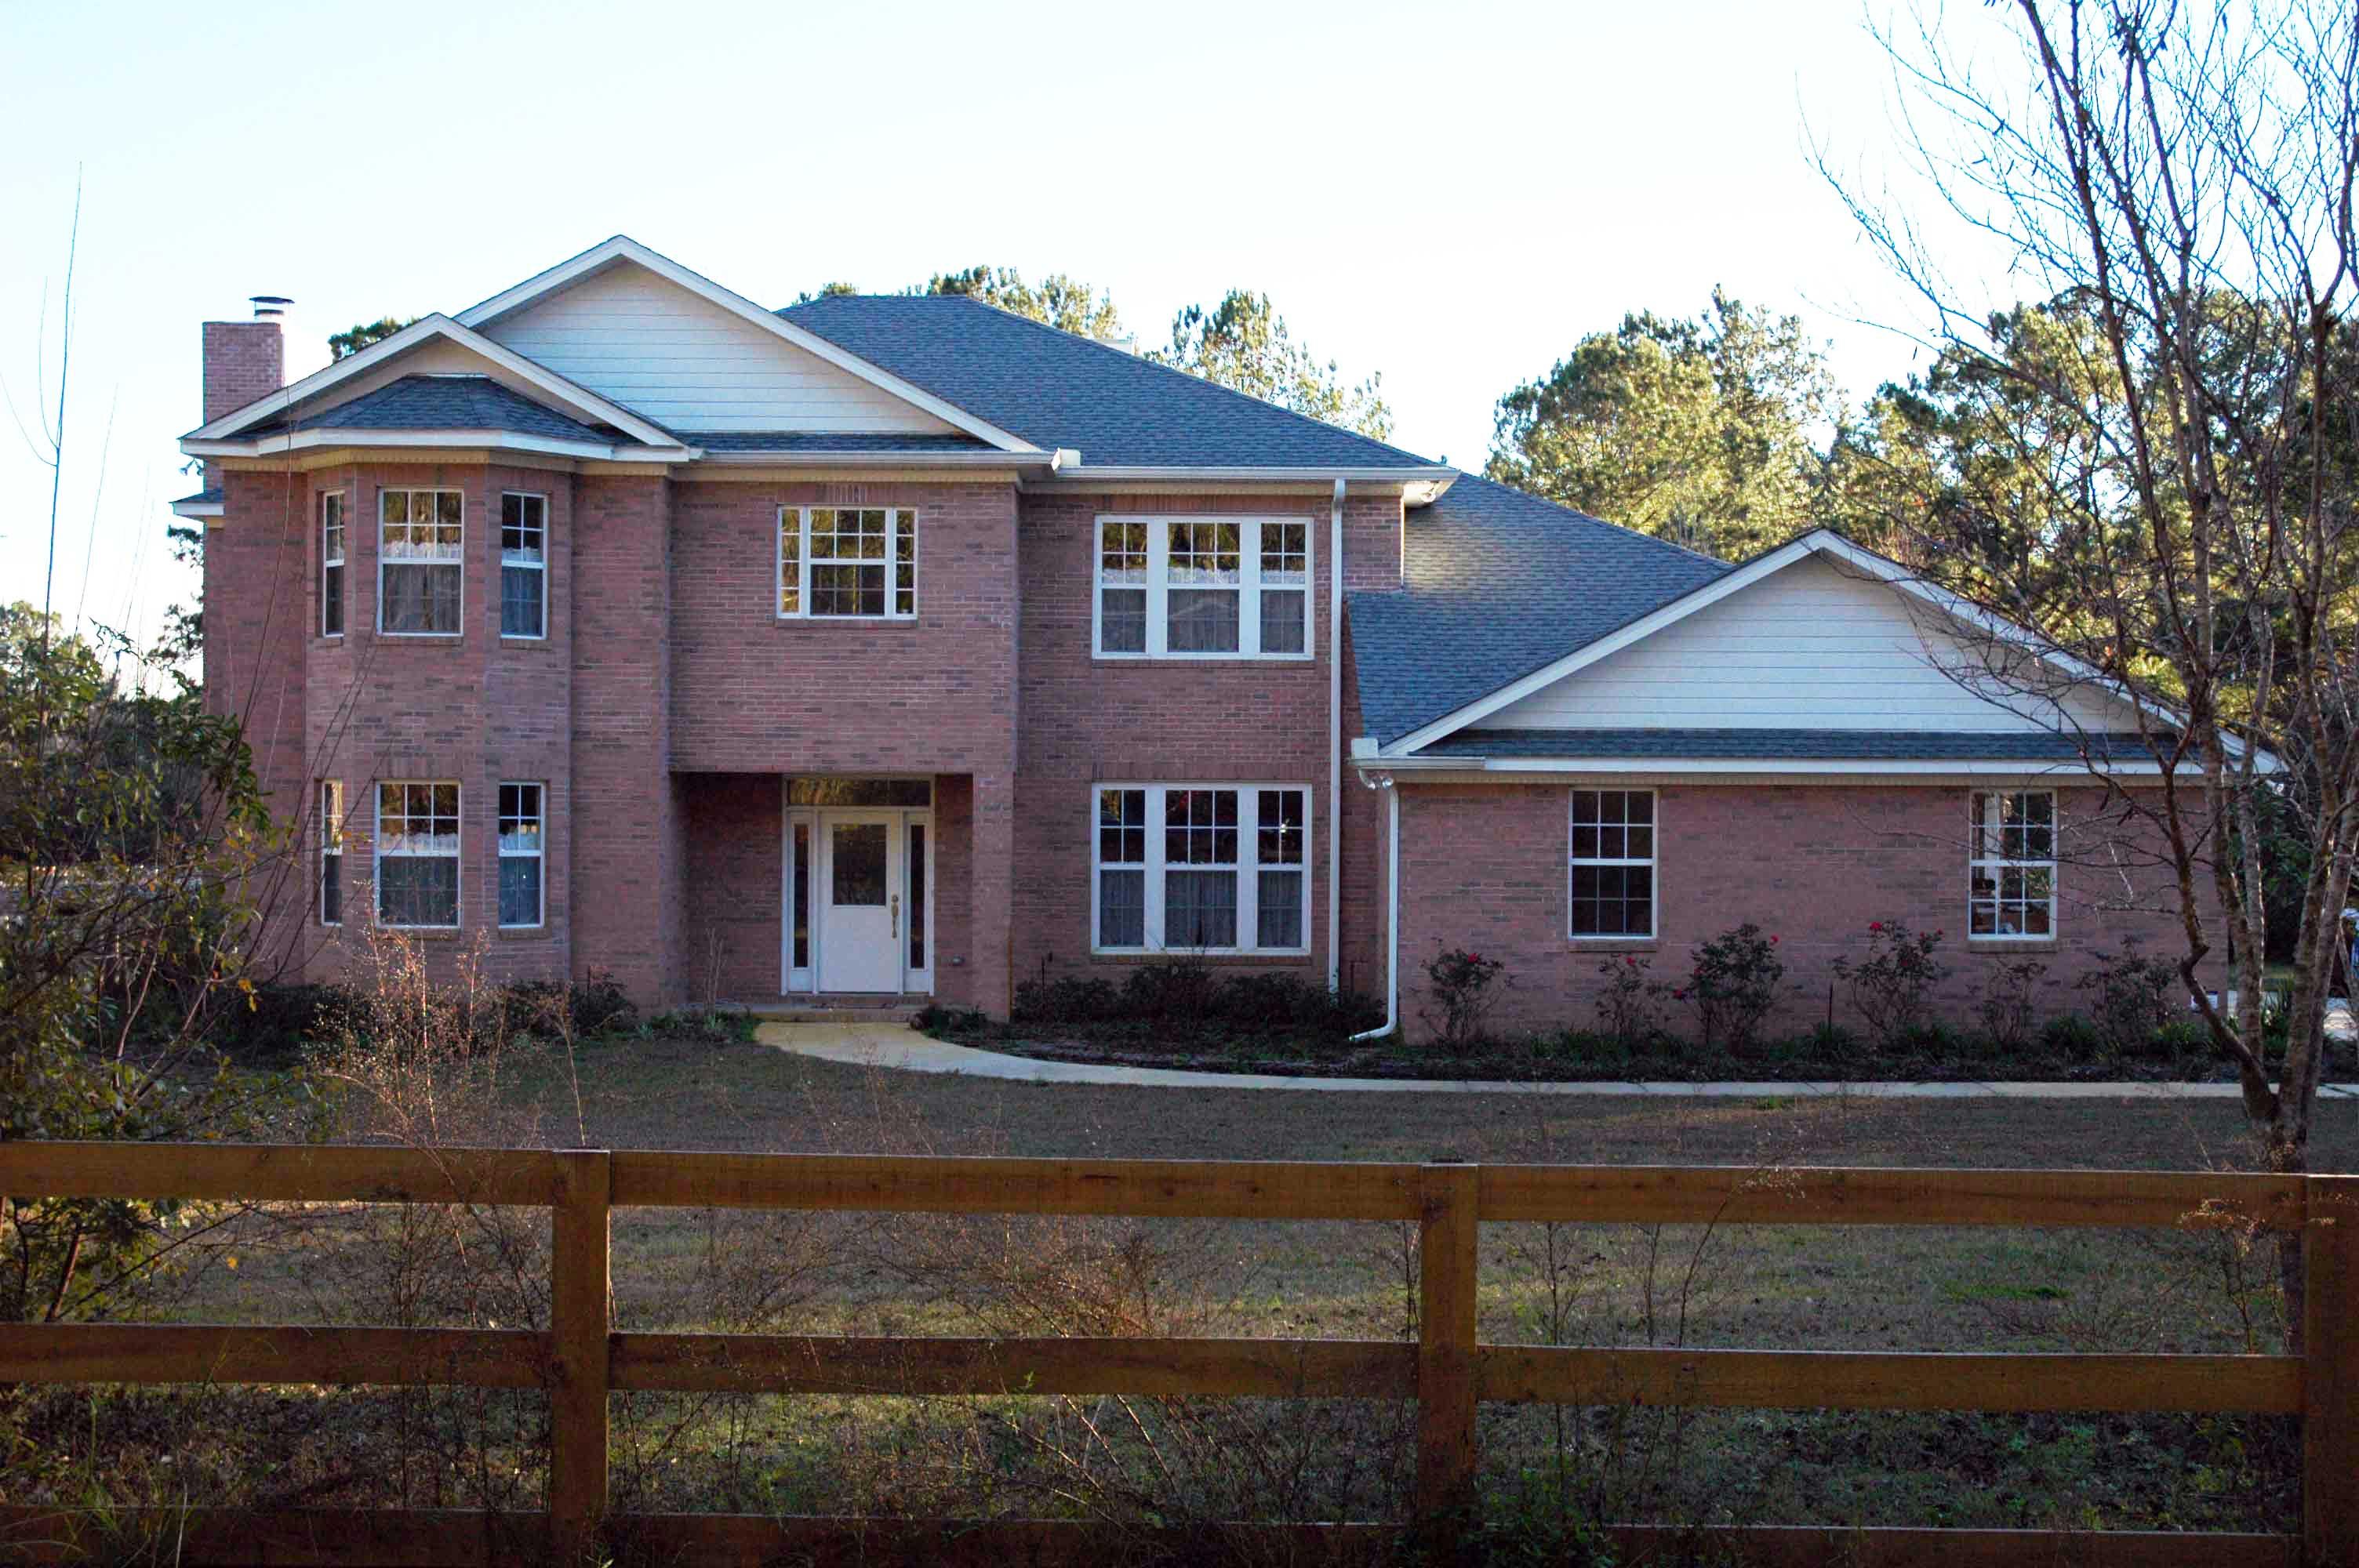 Lockridge Homes Complaints. Hopfield Dr. Lockridge Homes Floor Plans on